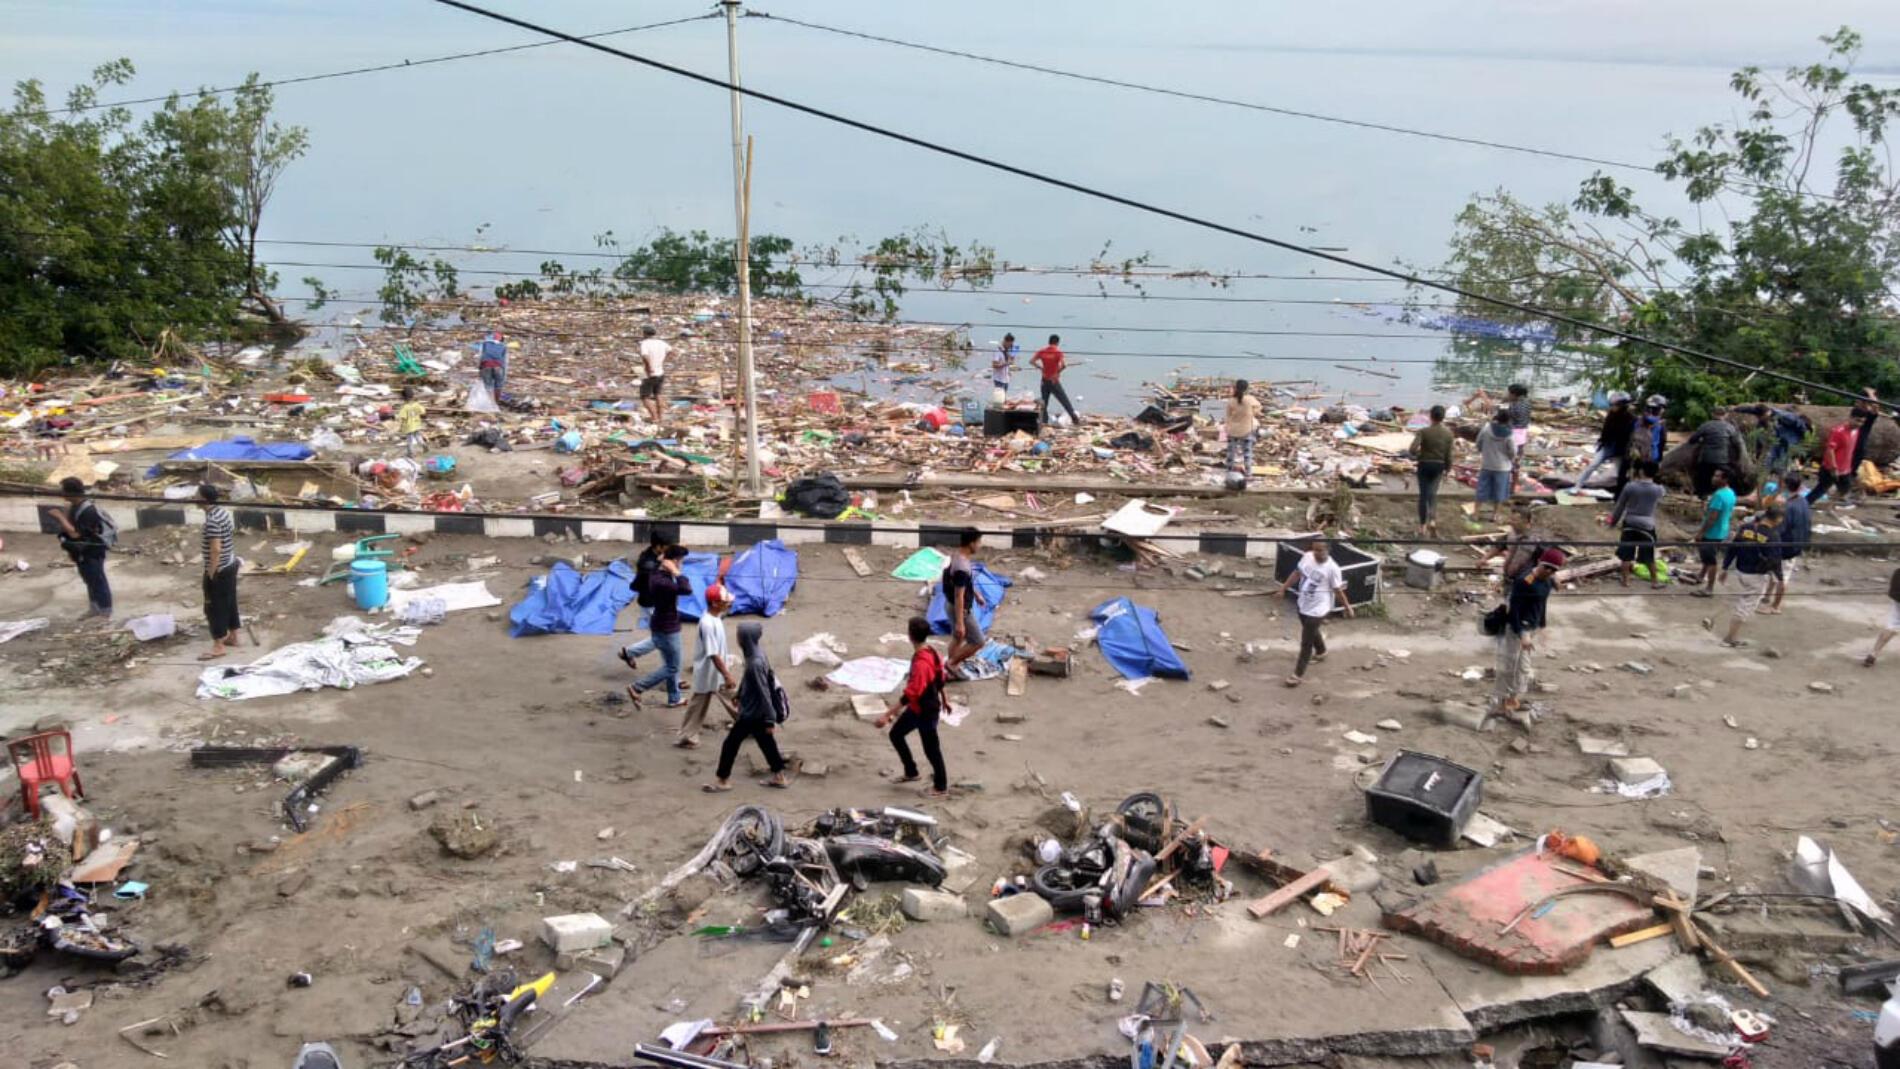 Un système d'alarme, mis en place après le terrible tsunami de 2004 qui avait fait 13 000 victimes dans 13 pays, ne s'est pas déclenché. L'institut météorologique et de géophysique indonésien, le BMKG, a lancé une alerte au tsunami et l'a levée 34 minutes plus tard. Beaucoup le lui reprochent, alors que les autorités assurent que les vagues ont déferlé avant la levée de l'alerte.